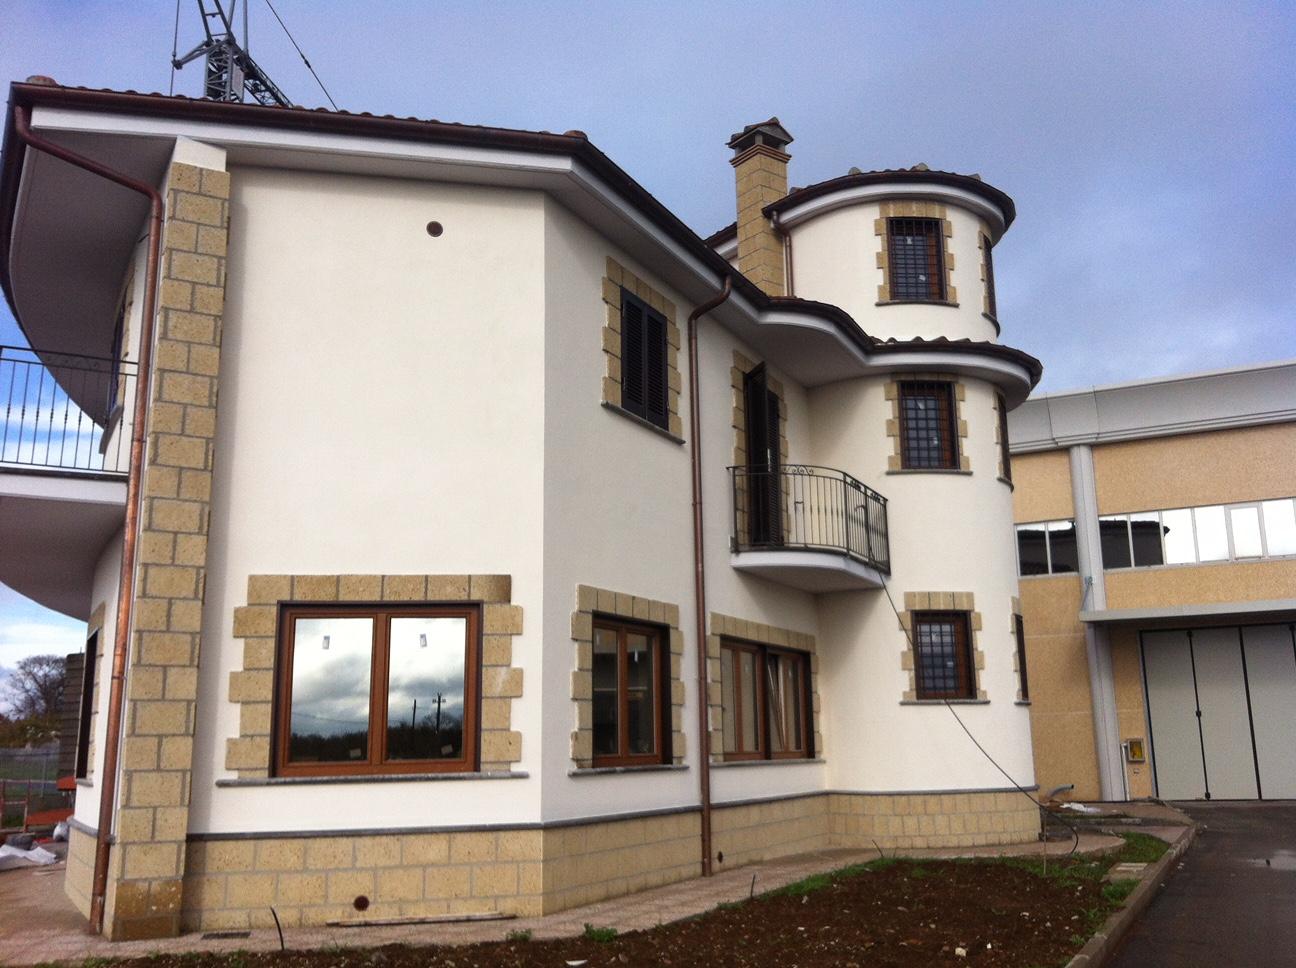 Ristrutturare Casa Roma, Ristrutturare Interni Roma, Ristrutturare Villa Roma